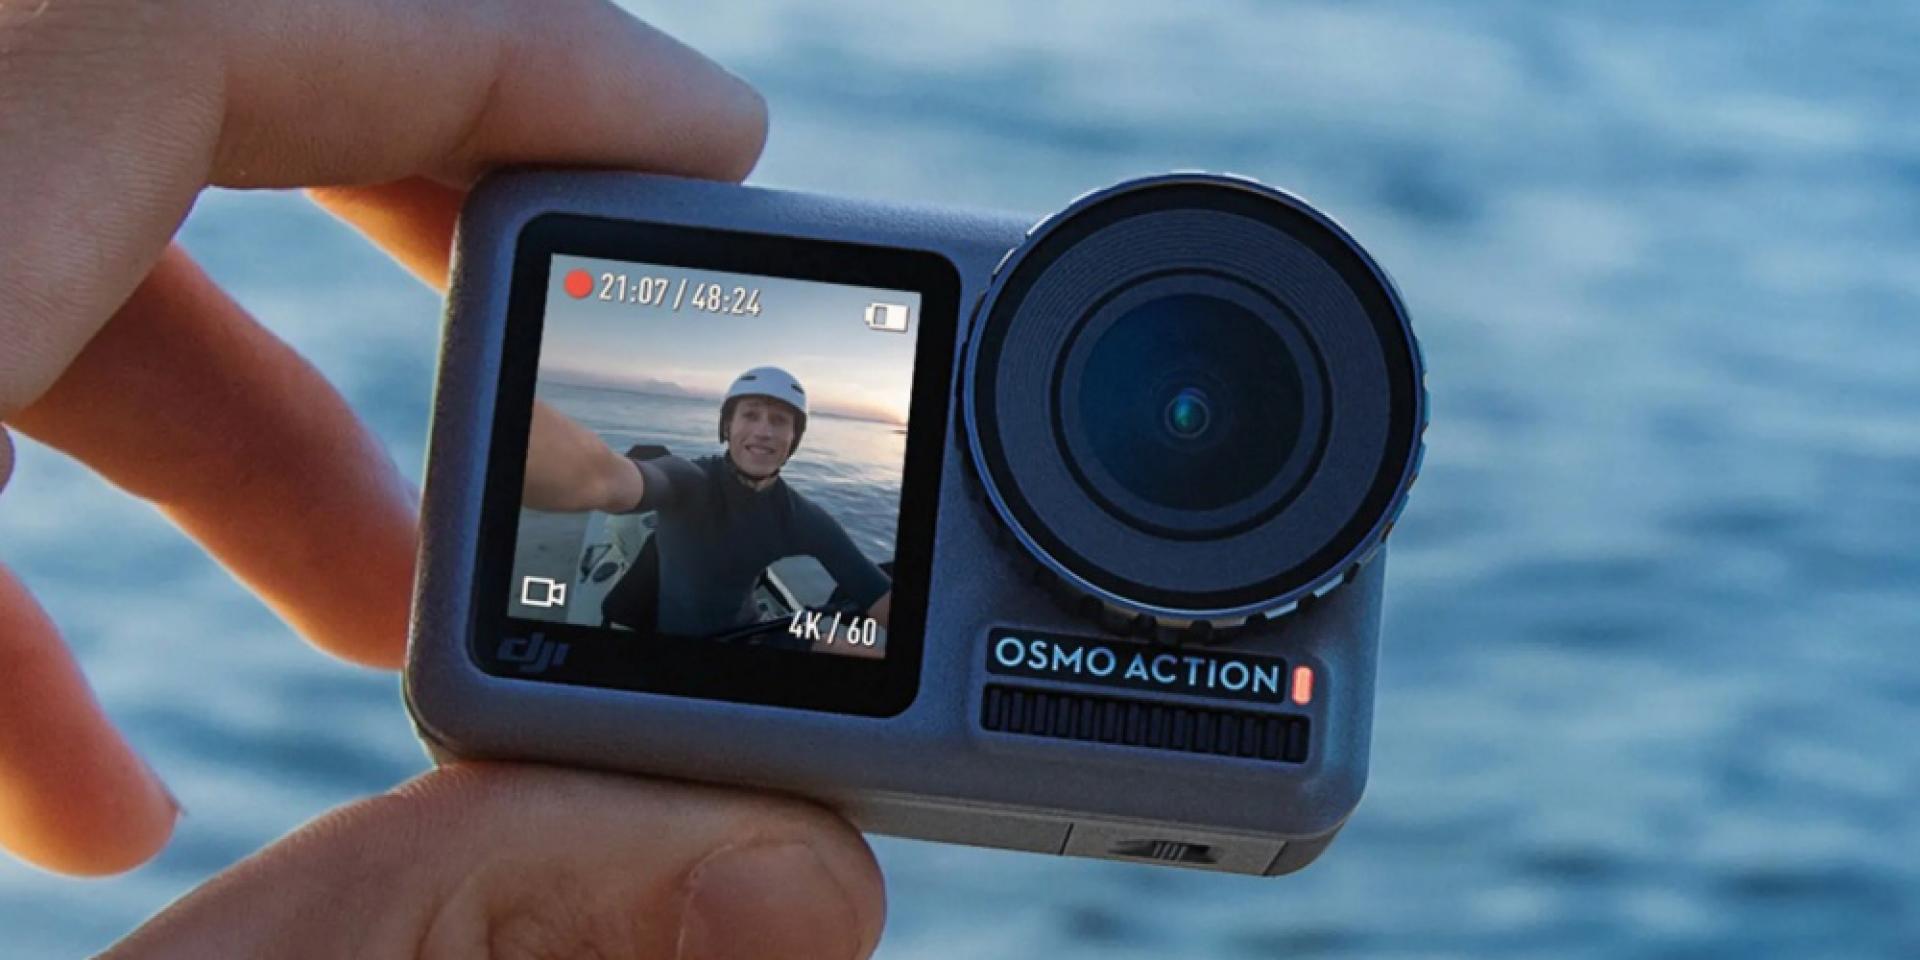 劍指各路英雄好漢!DJI 雙螢幕刺客「Osmo Action」12,000元超殺上市!